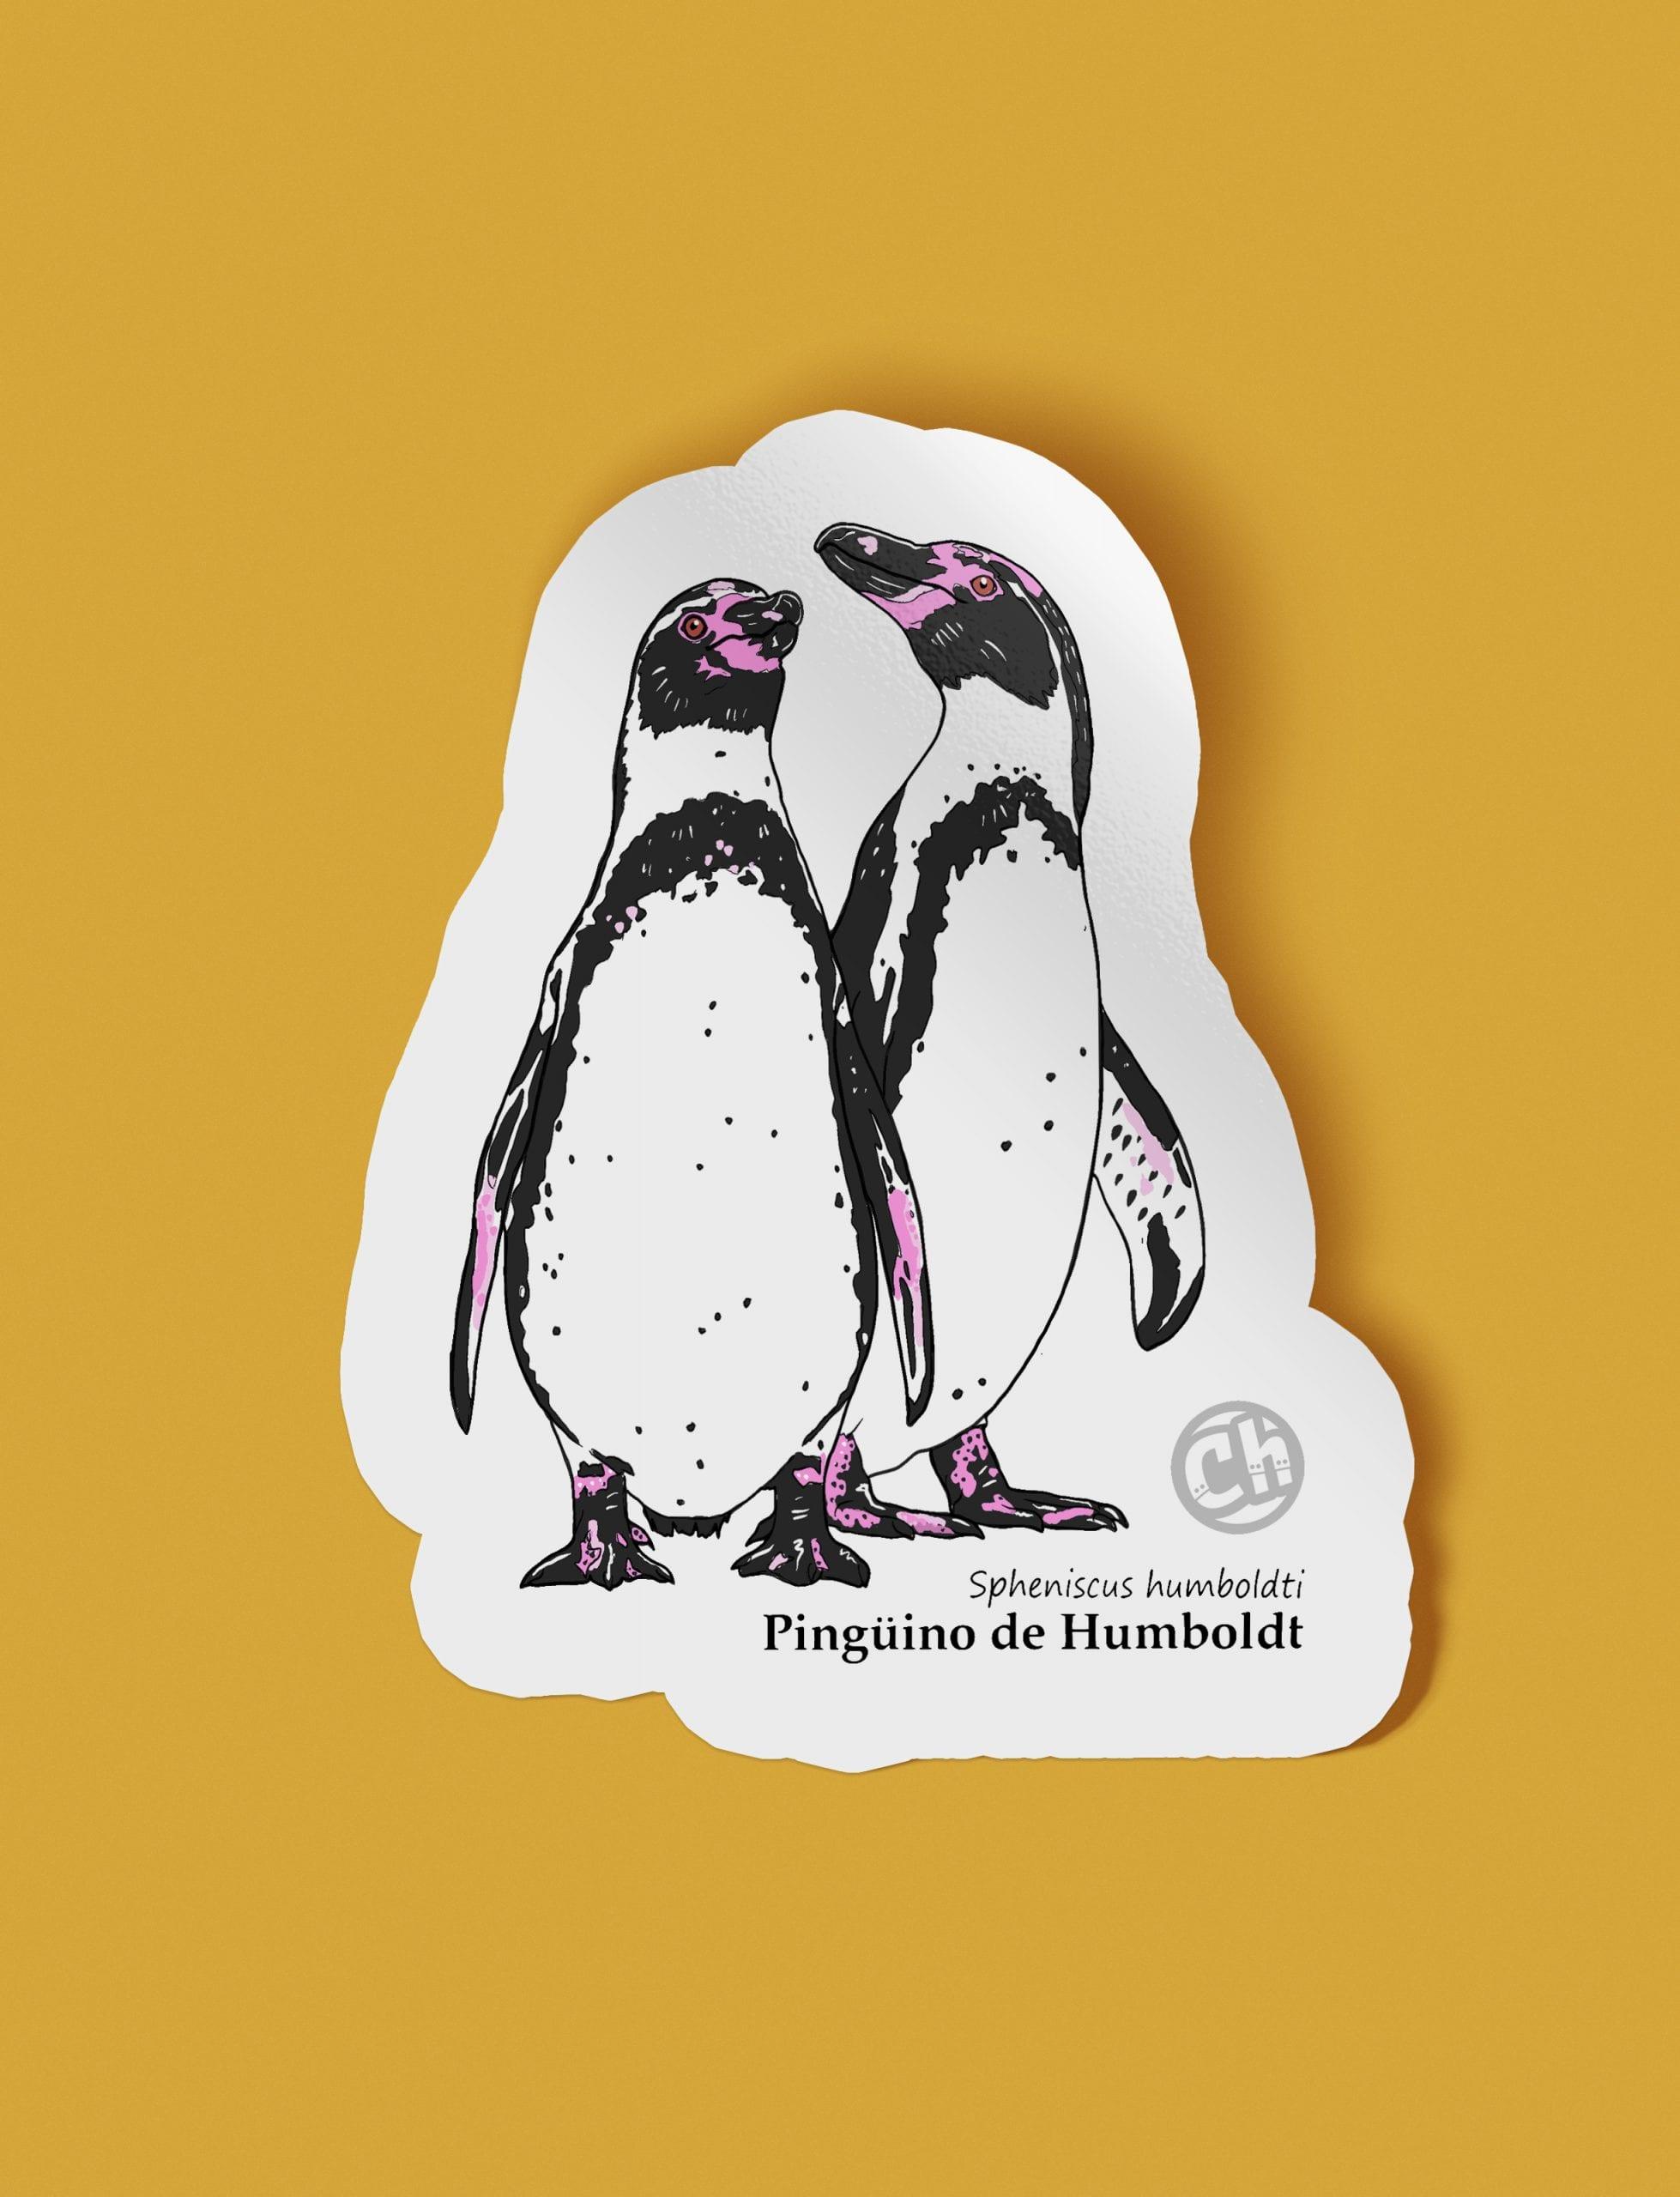 Adhesivo Pingüino de Humboldt